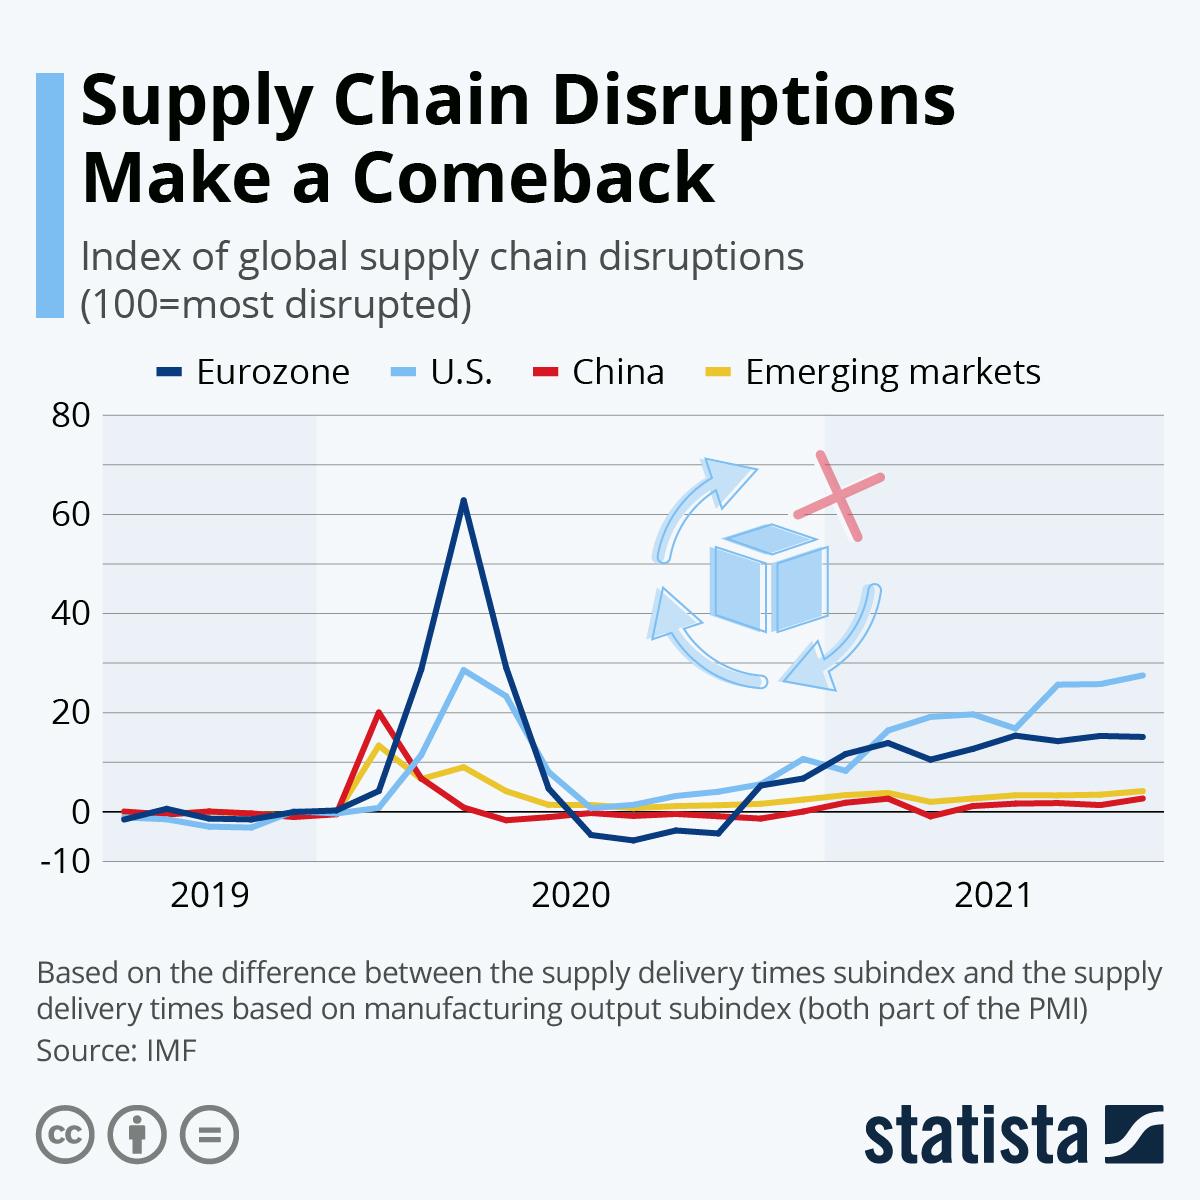 Supply Chain Disruptions Make a Comeback